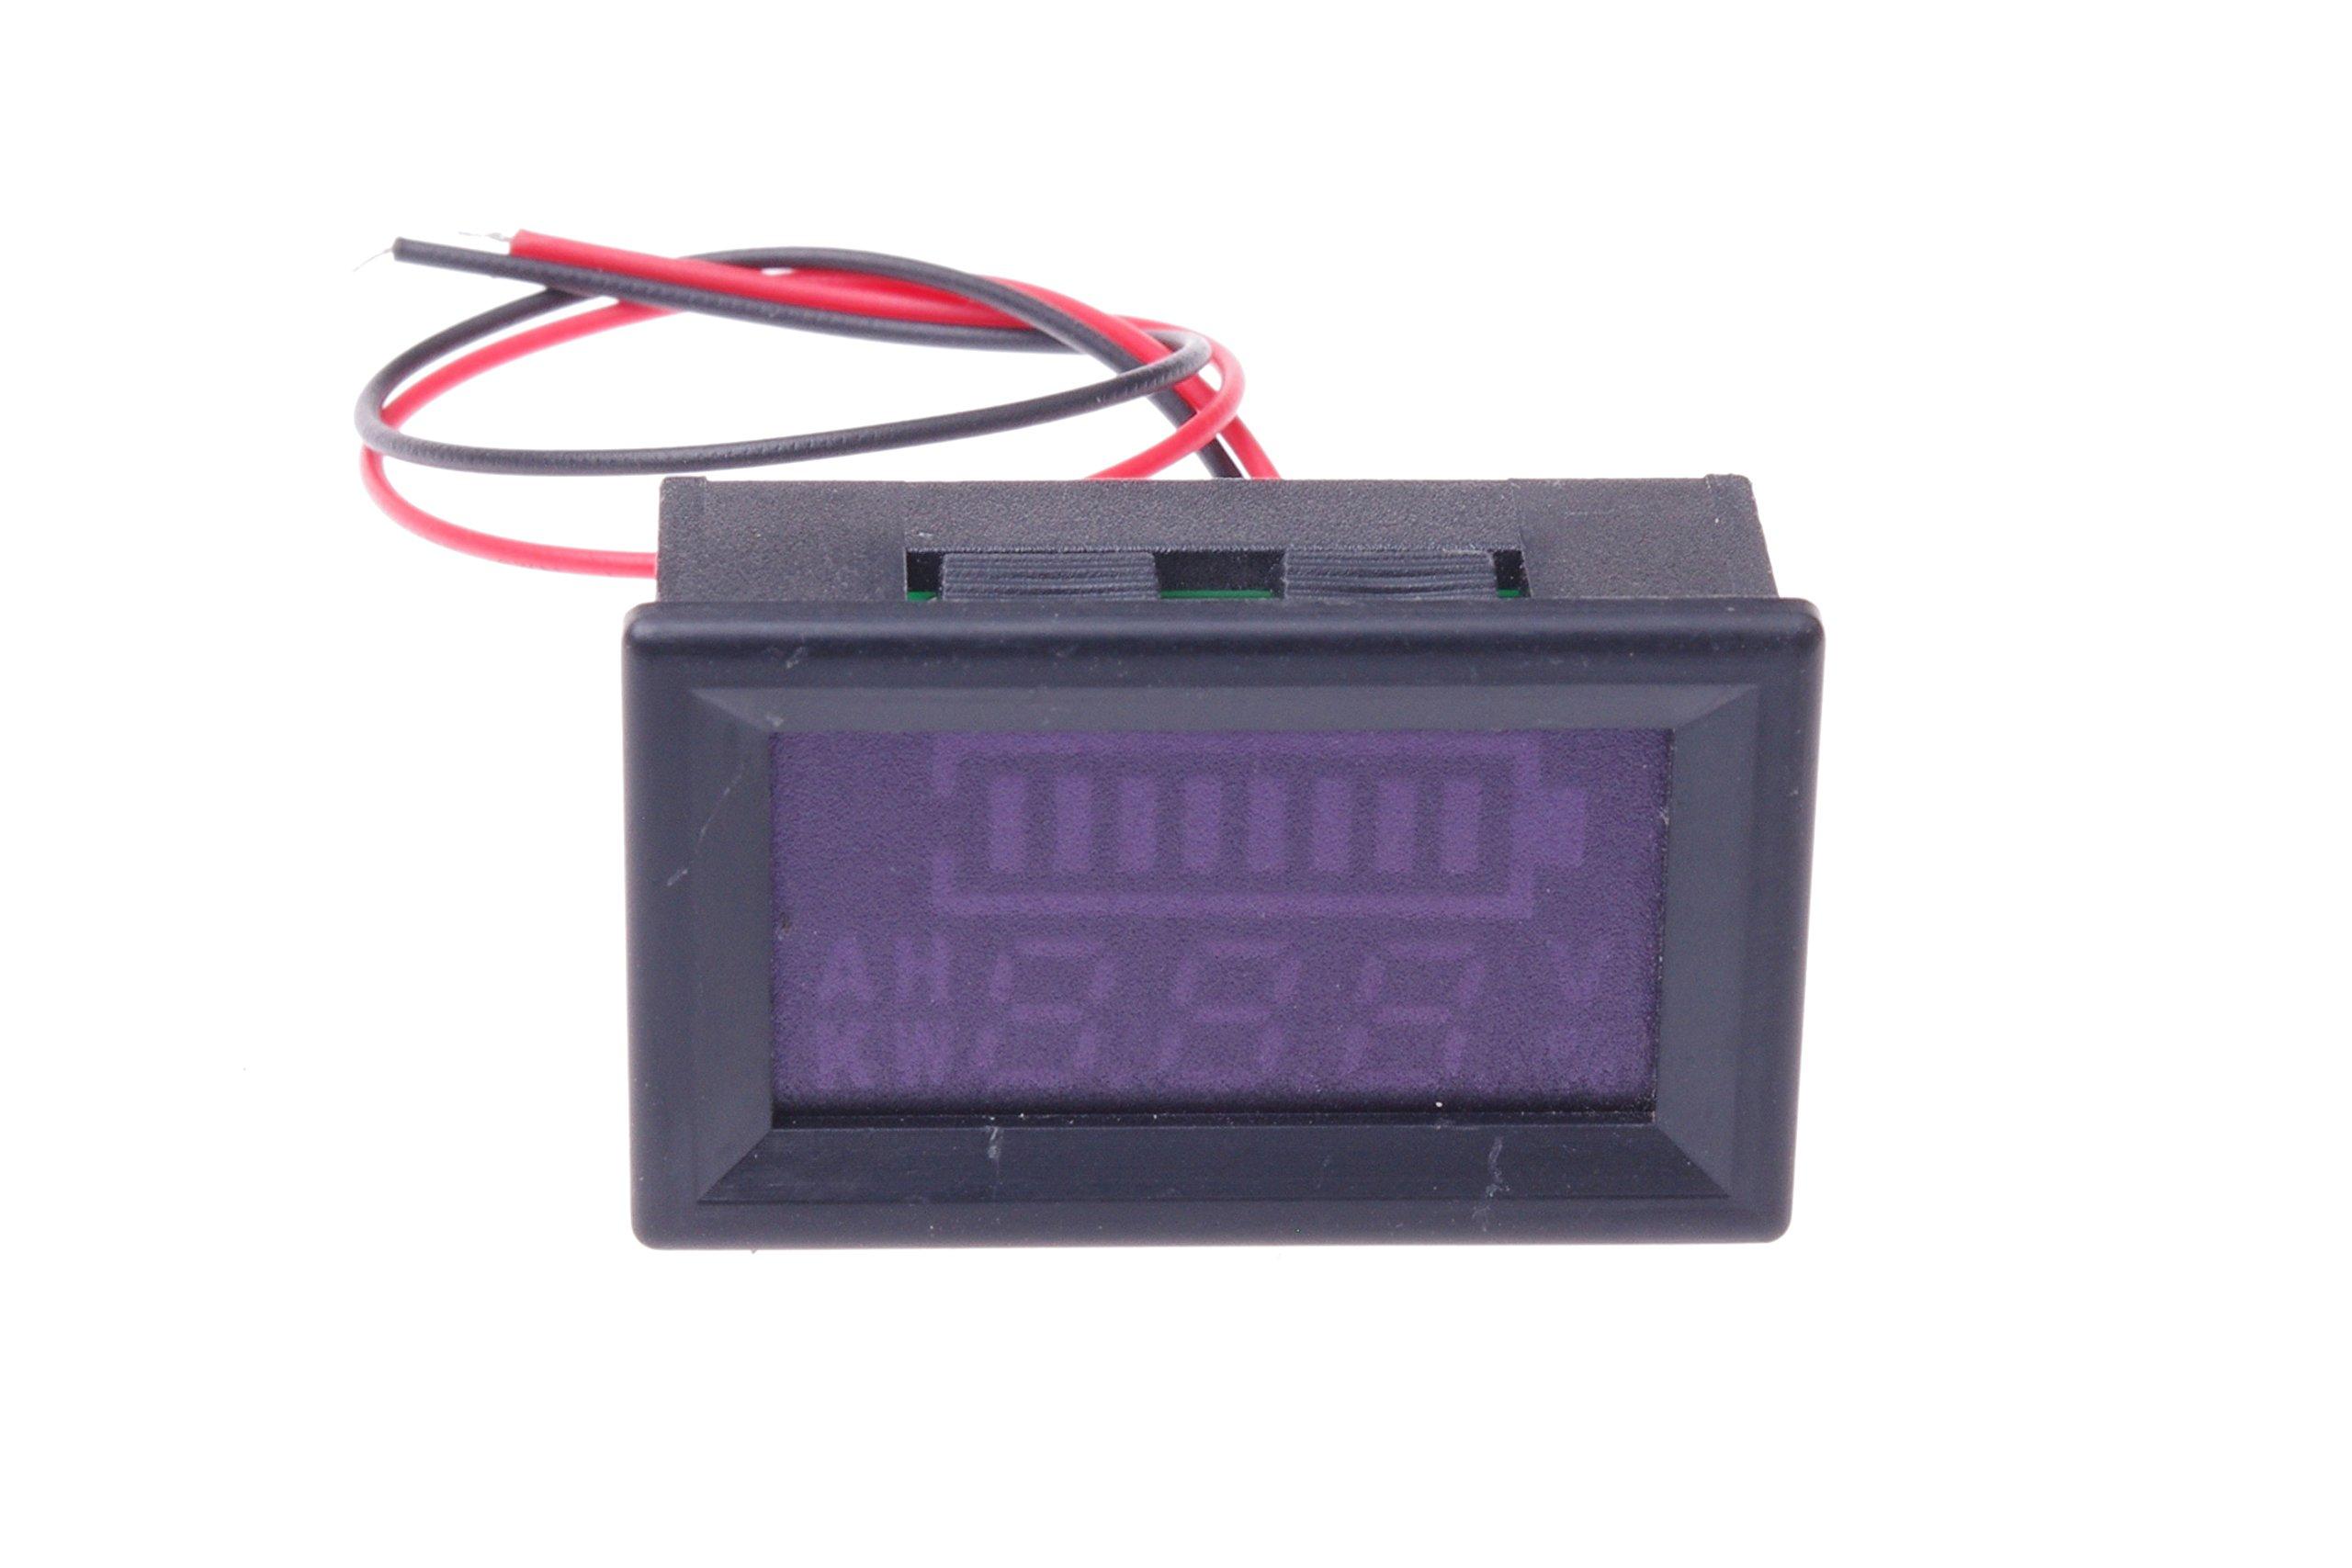 SMAKN DC 12v 24V 36V 48V 60V 72V 96V Acid lead batteries percentage capacity indicator LED Tester voltmeter With TTL OUTPUT by SMAKN (Image #8)